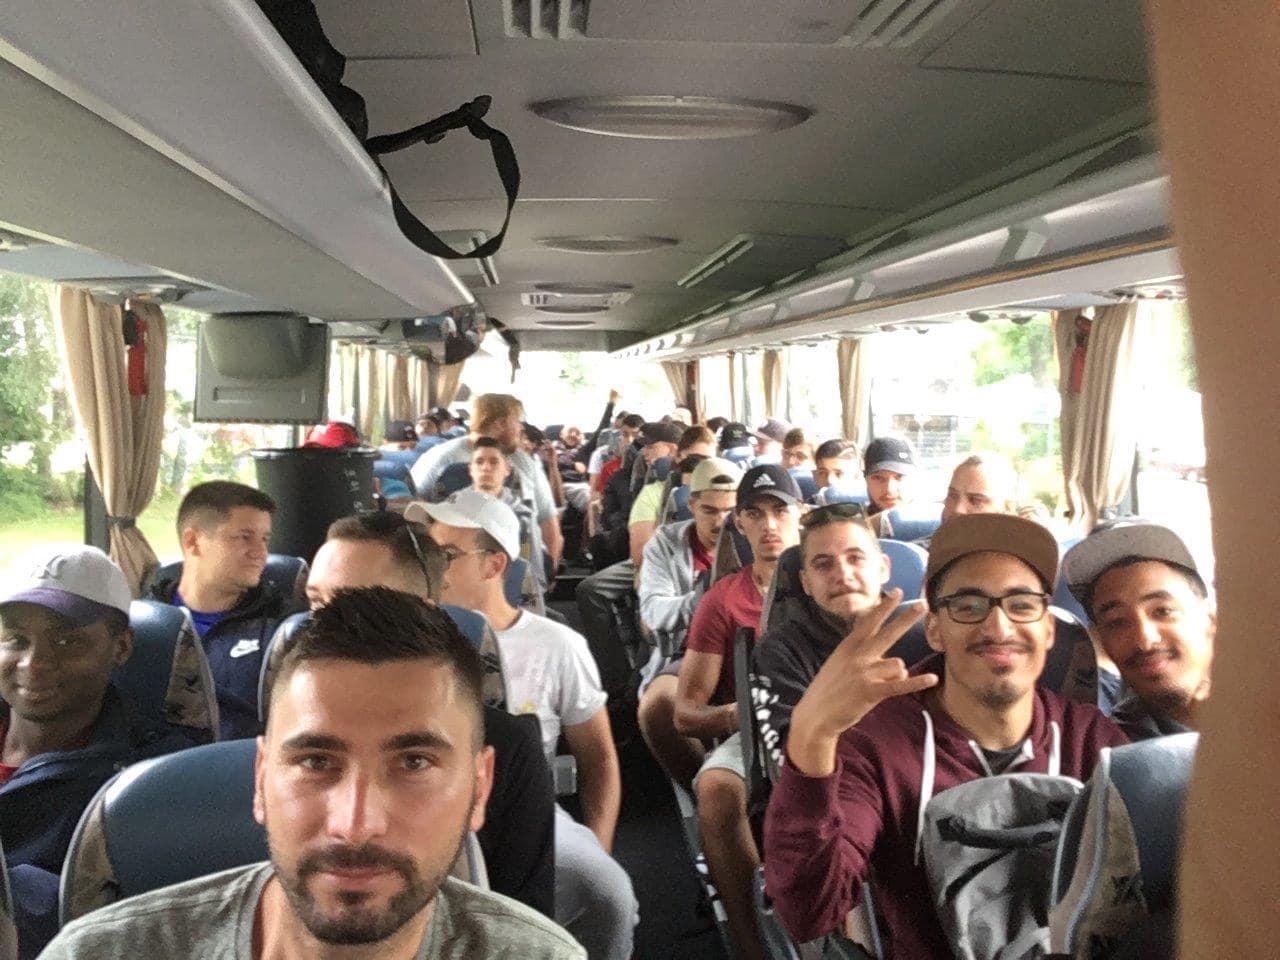 Anfahrt nach Plochingen im Bus